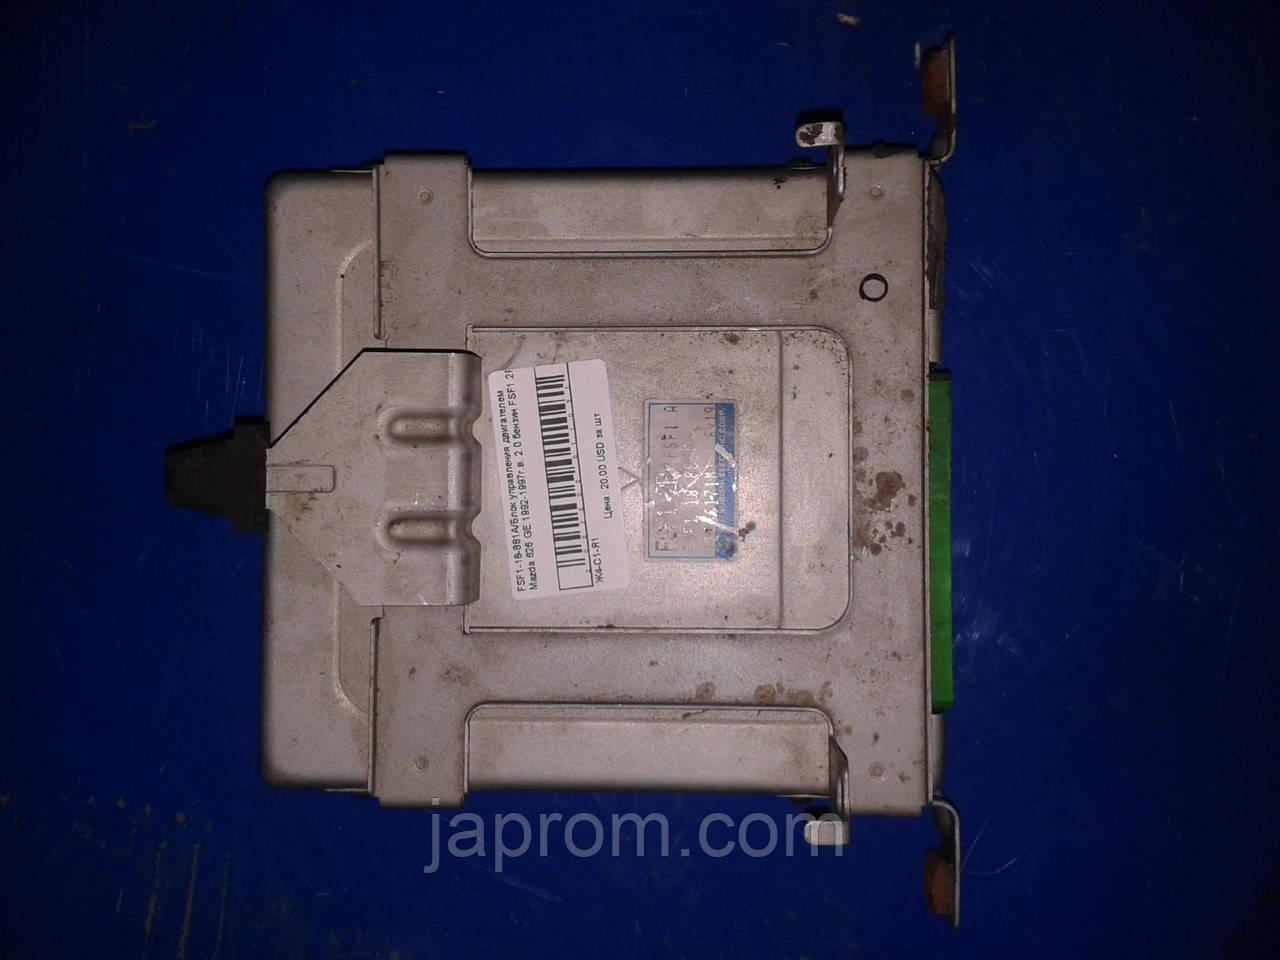 Блок управления двигателем Mazda 626 GE 1992-1997г.в. 2.0 бензин FSF1 2P